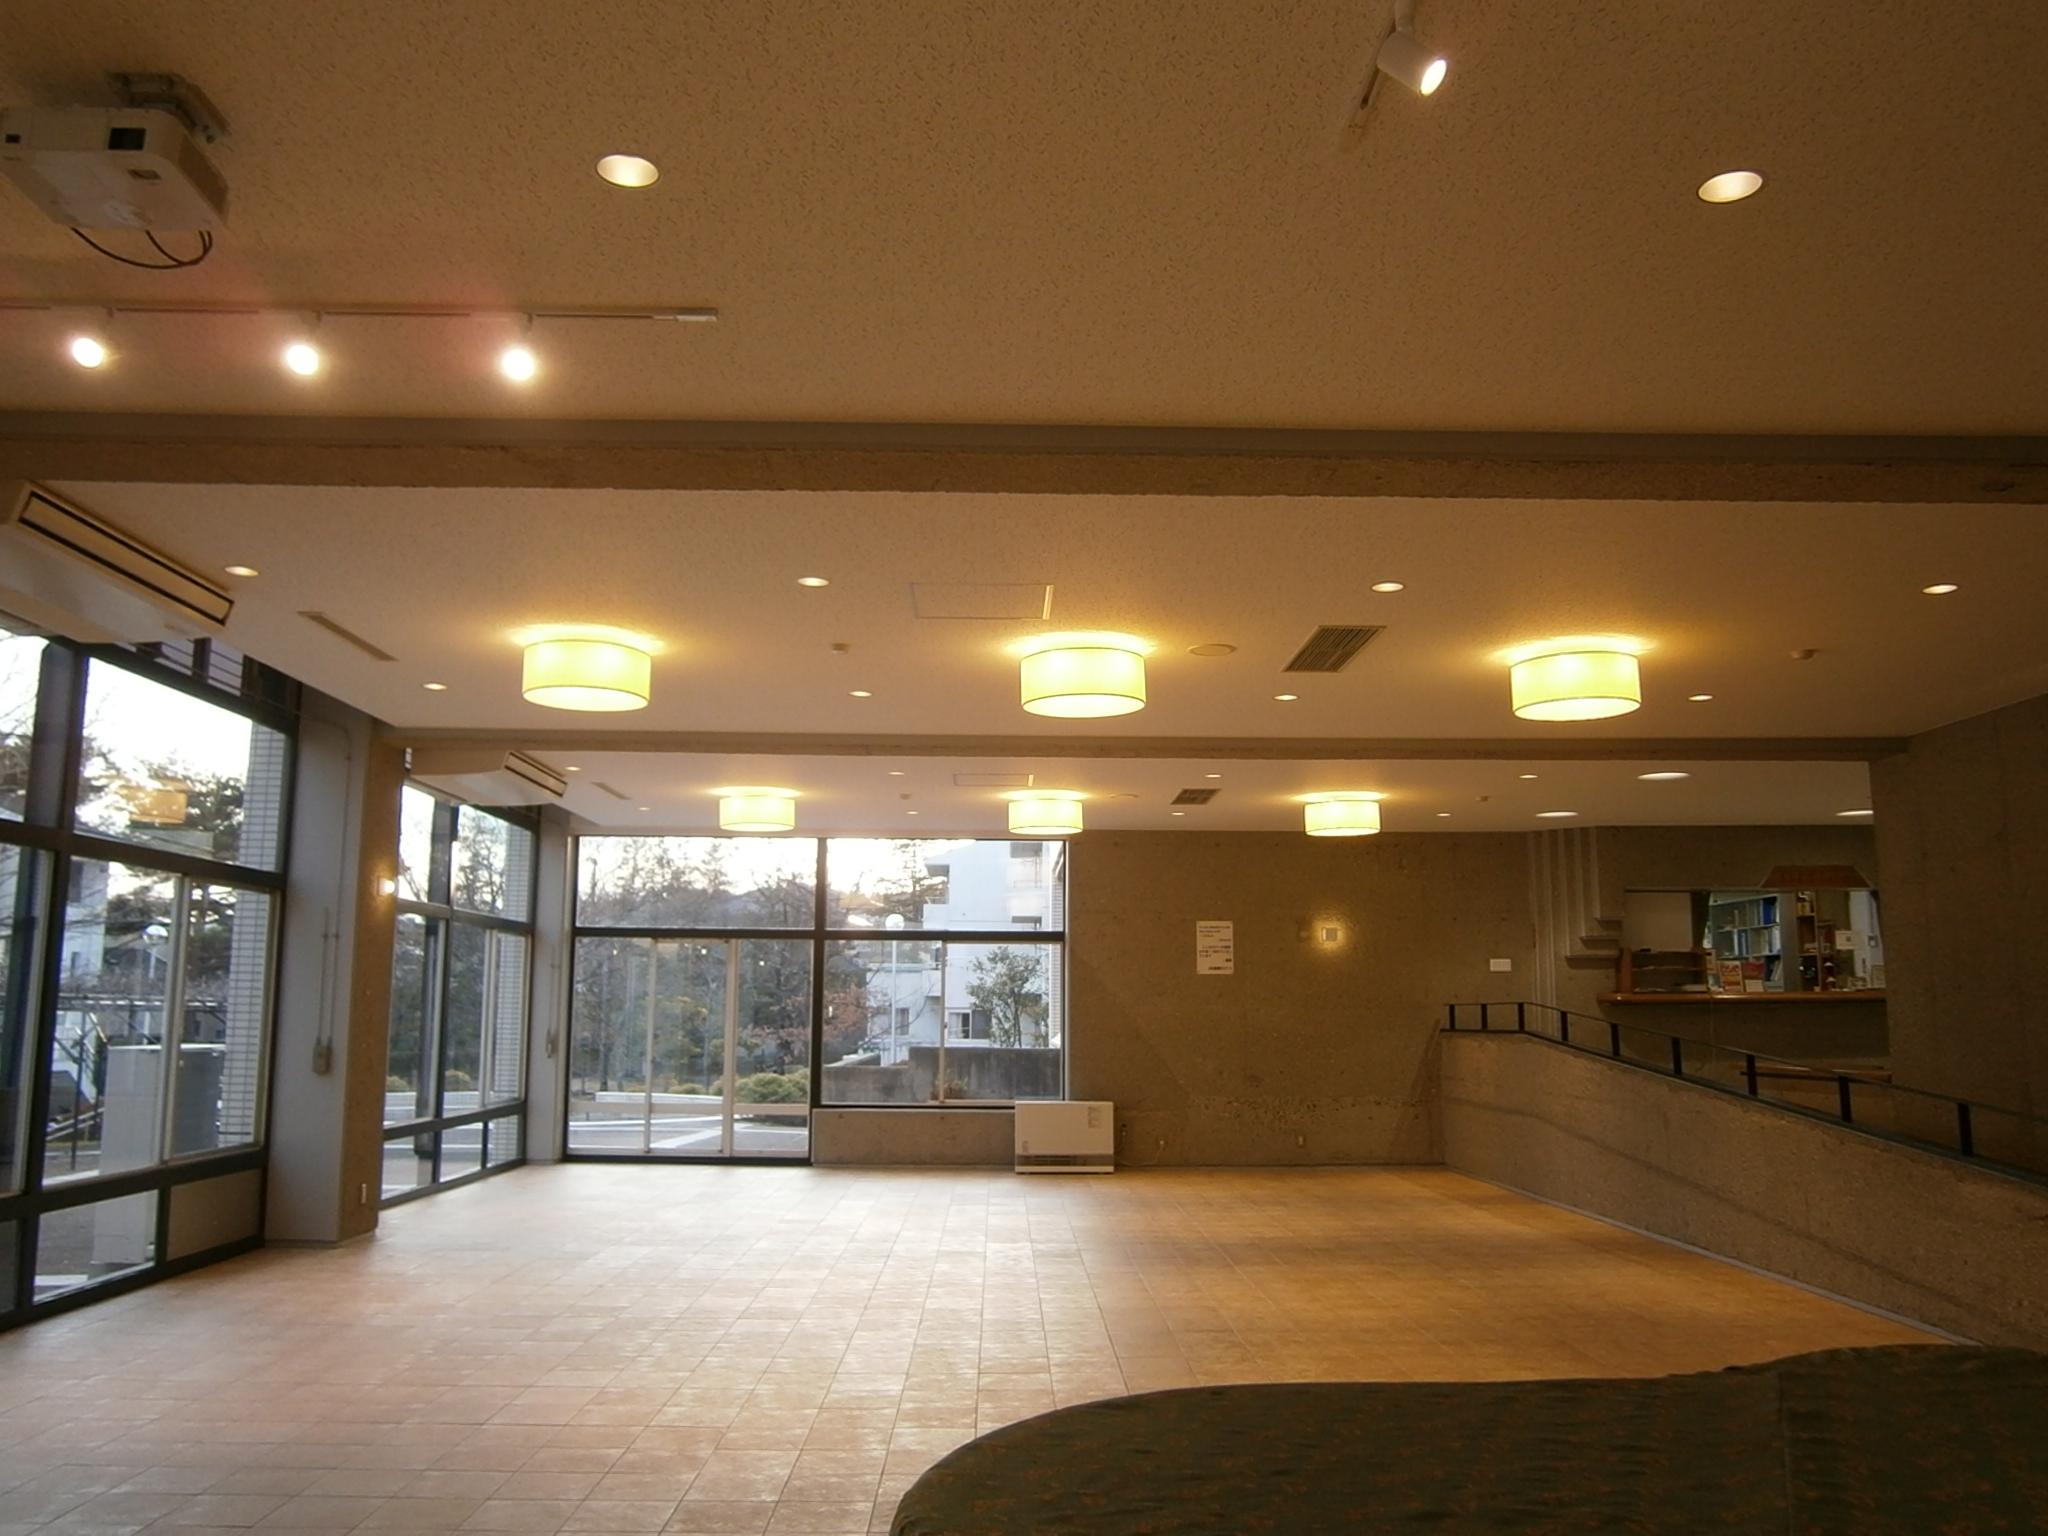 東北大学(三条3)国際交流会館第二会館受変電設備改修その他工事